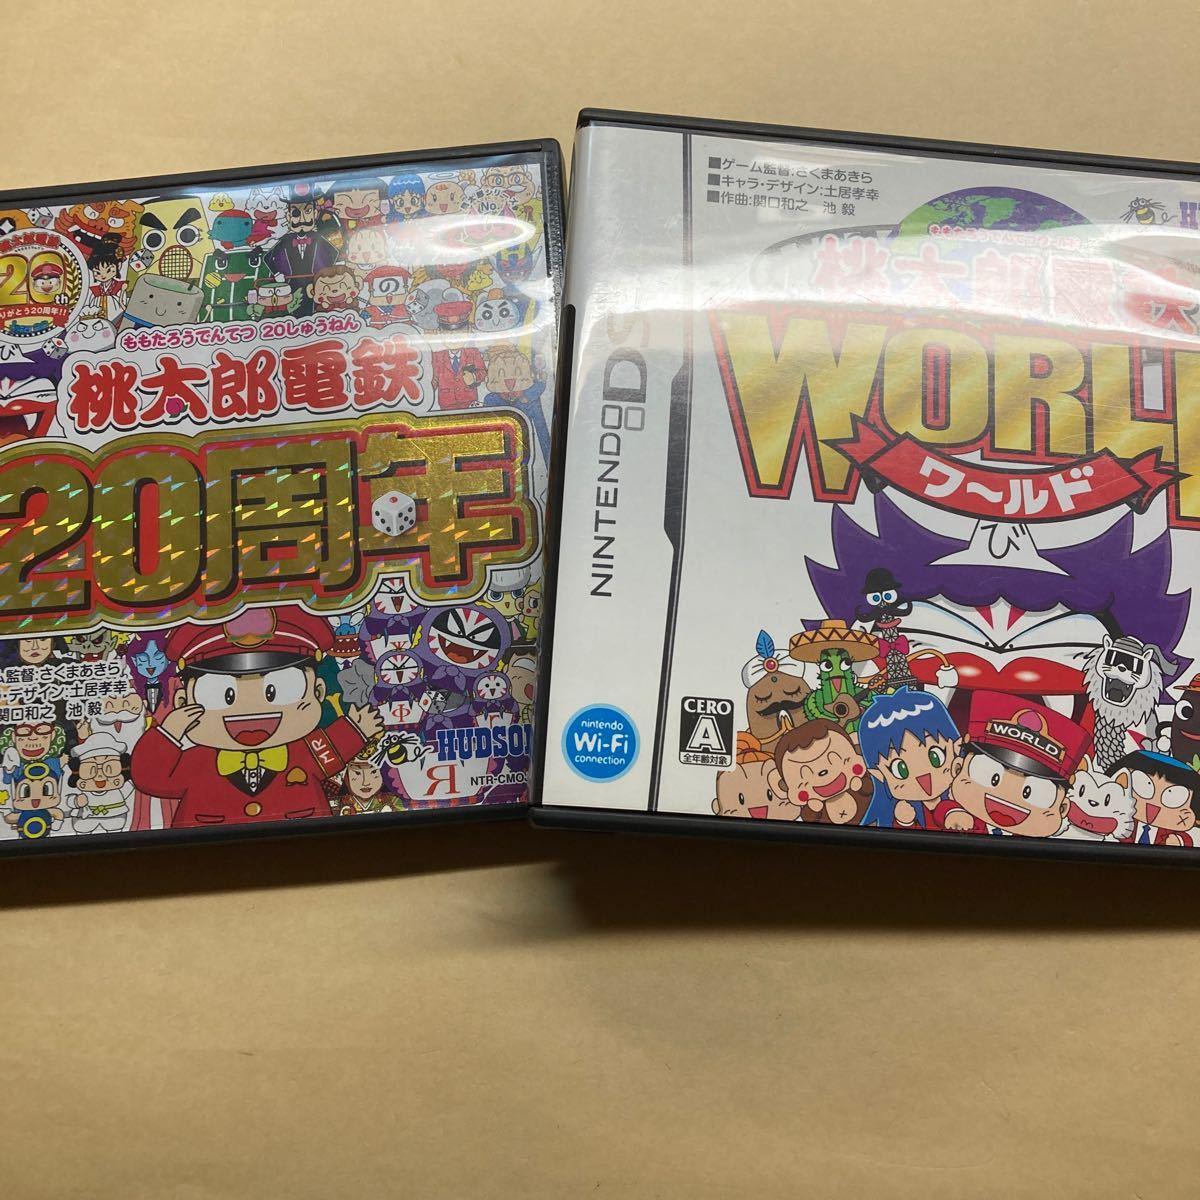 桃太郎電鉄20周年 桃太郎電鉄WORLD DSソフト